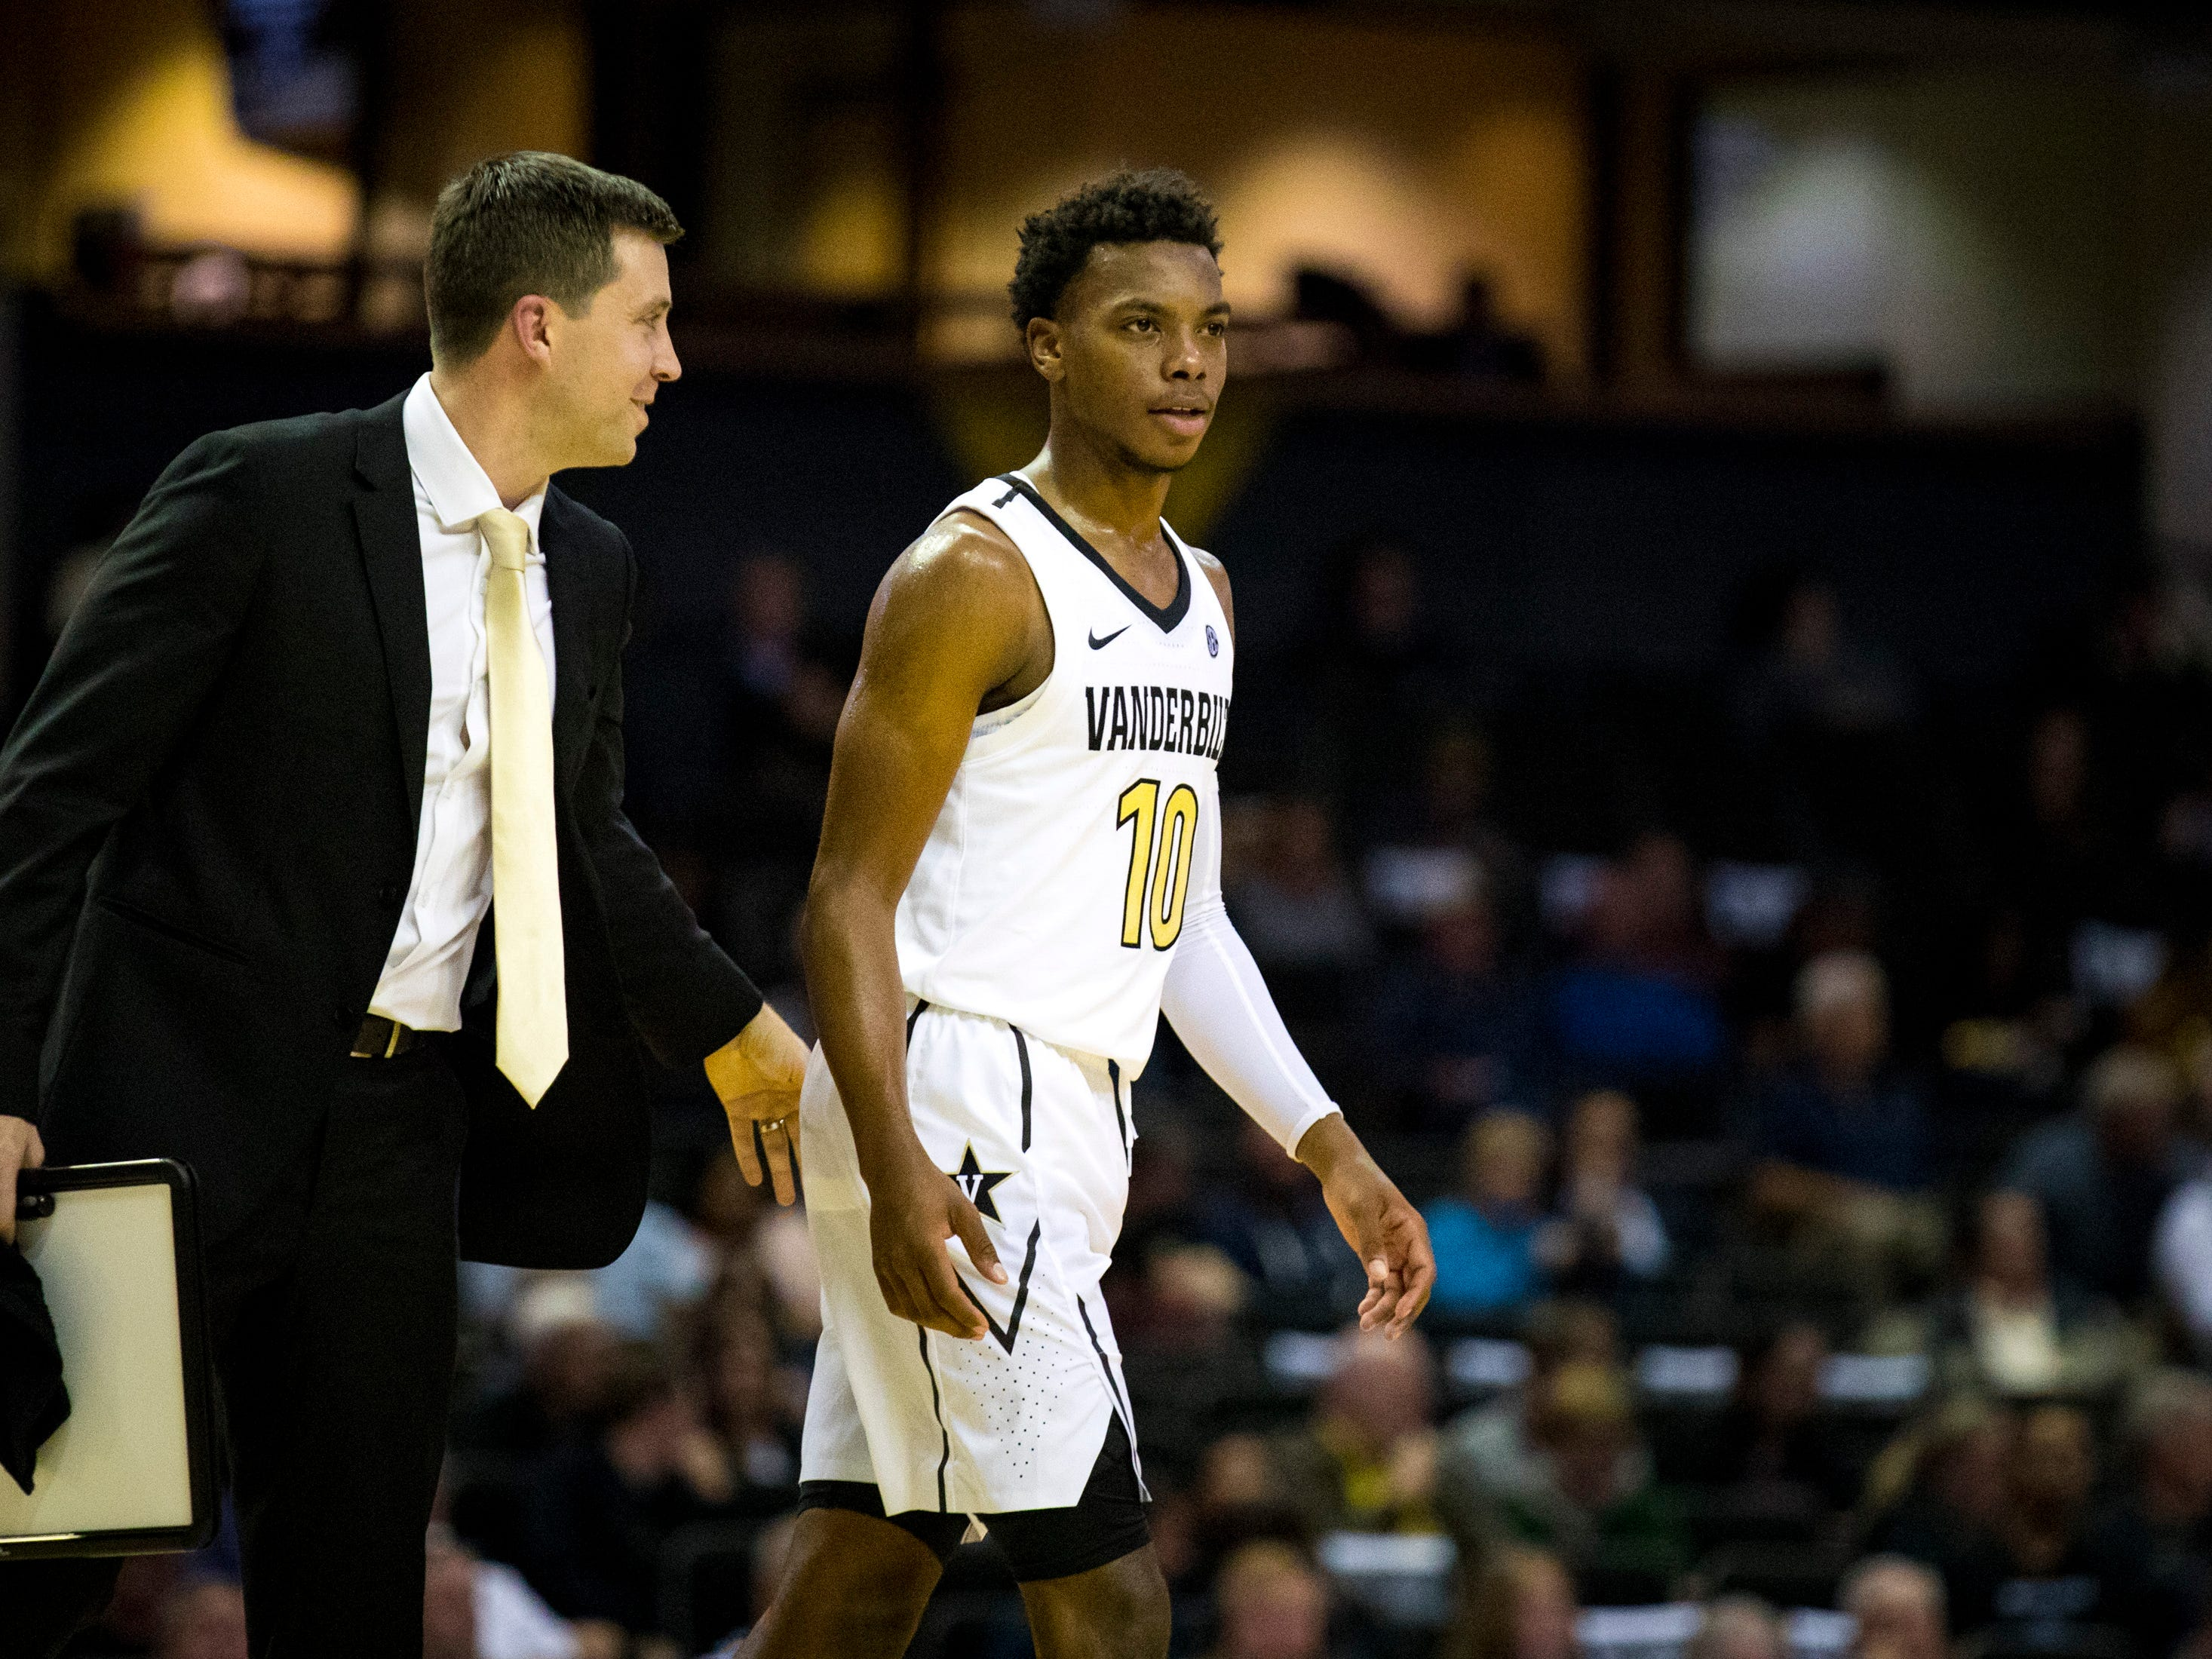 Vanderbilt's head coach Bryce Drew talks to Vanderbilt's Darius Garland (10) during Vanderbilt's game against Winthrop at Memorial Gymnasium in Nashville on Tuesday, Nov. 6, 2018.